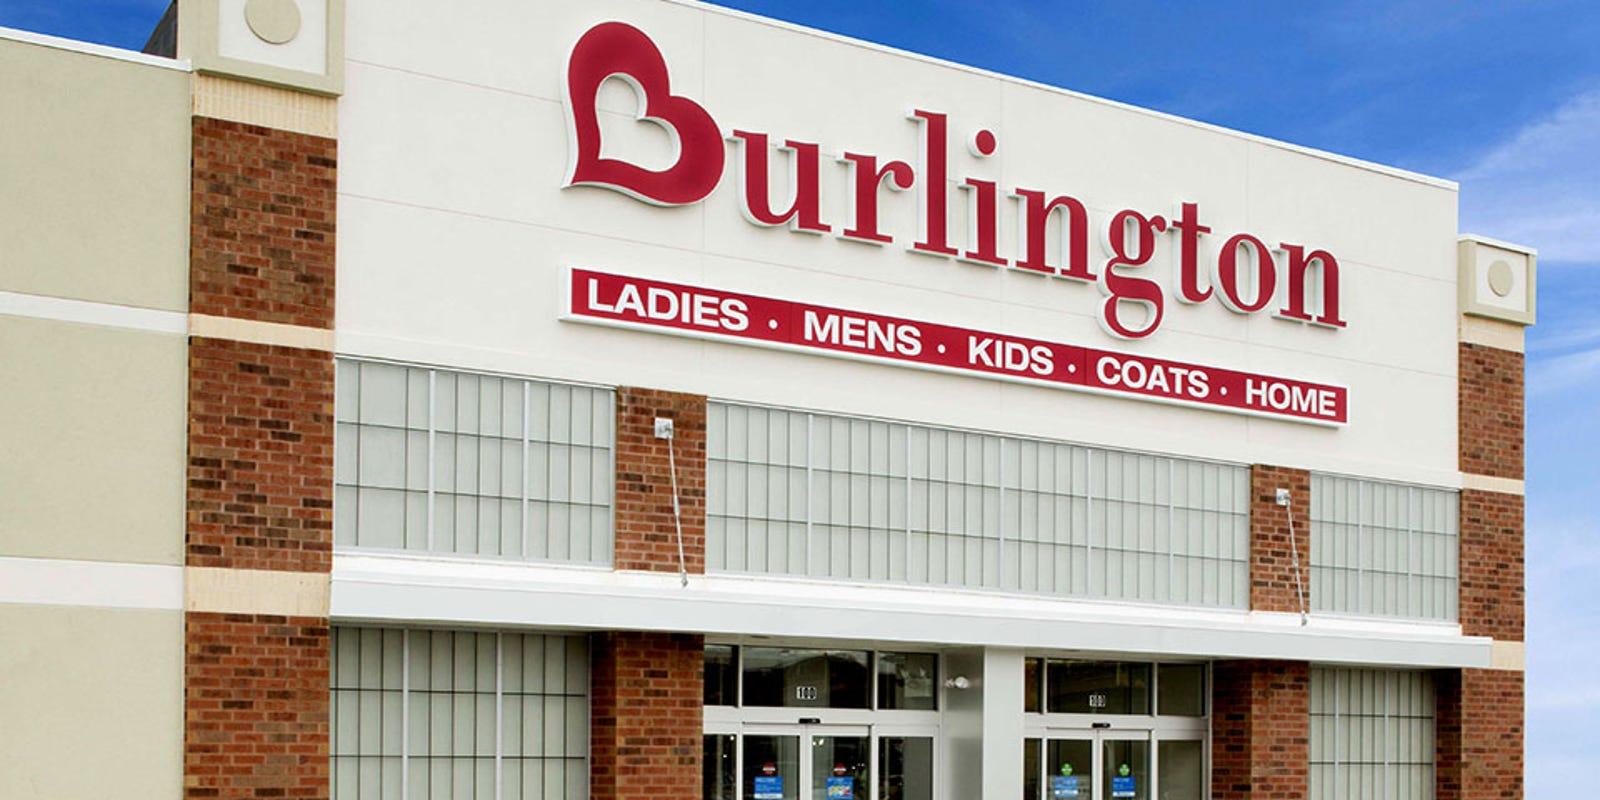 Burlington Coat Factory, Petco to open